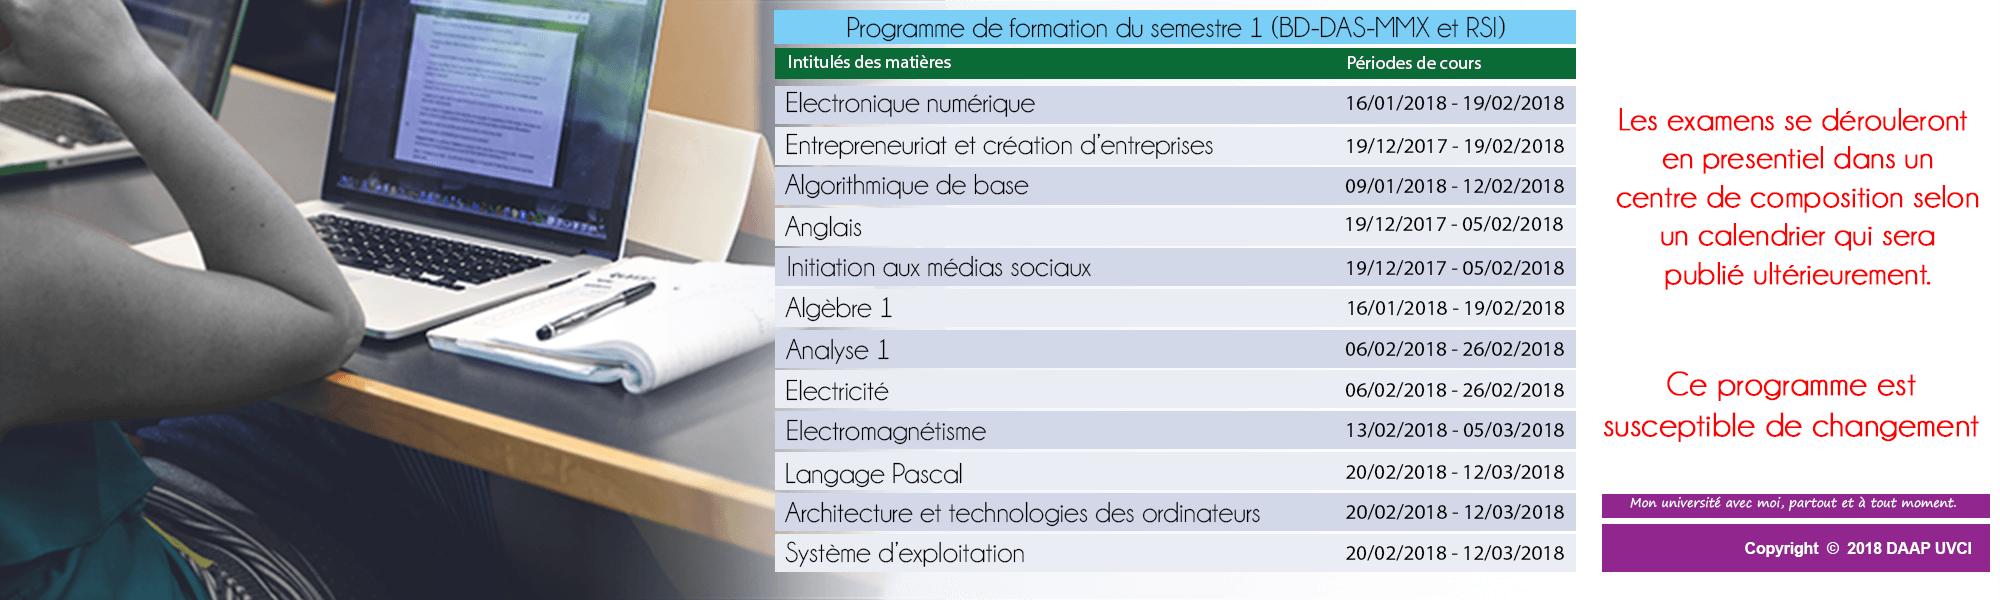 PROGRAMME DE FORMATION DU SEMESTRE 1